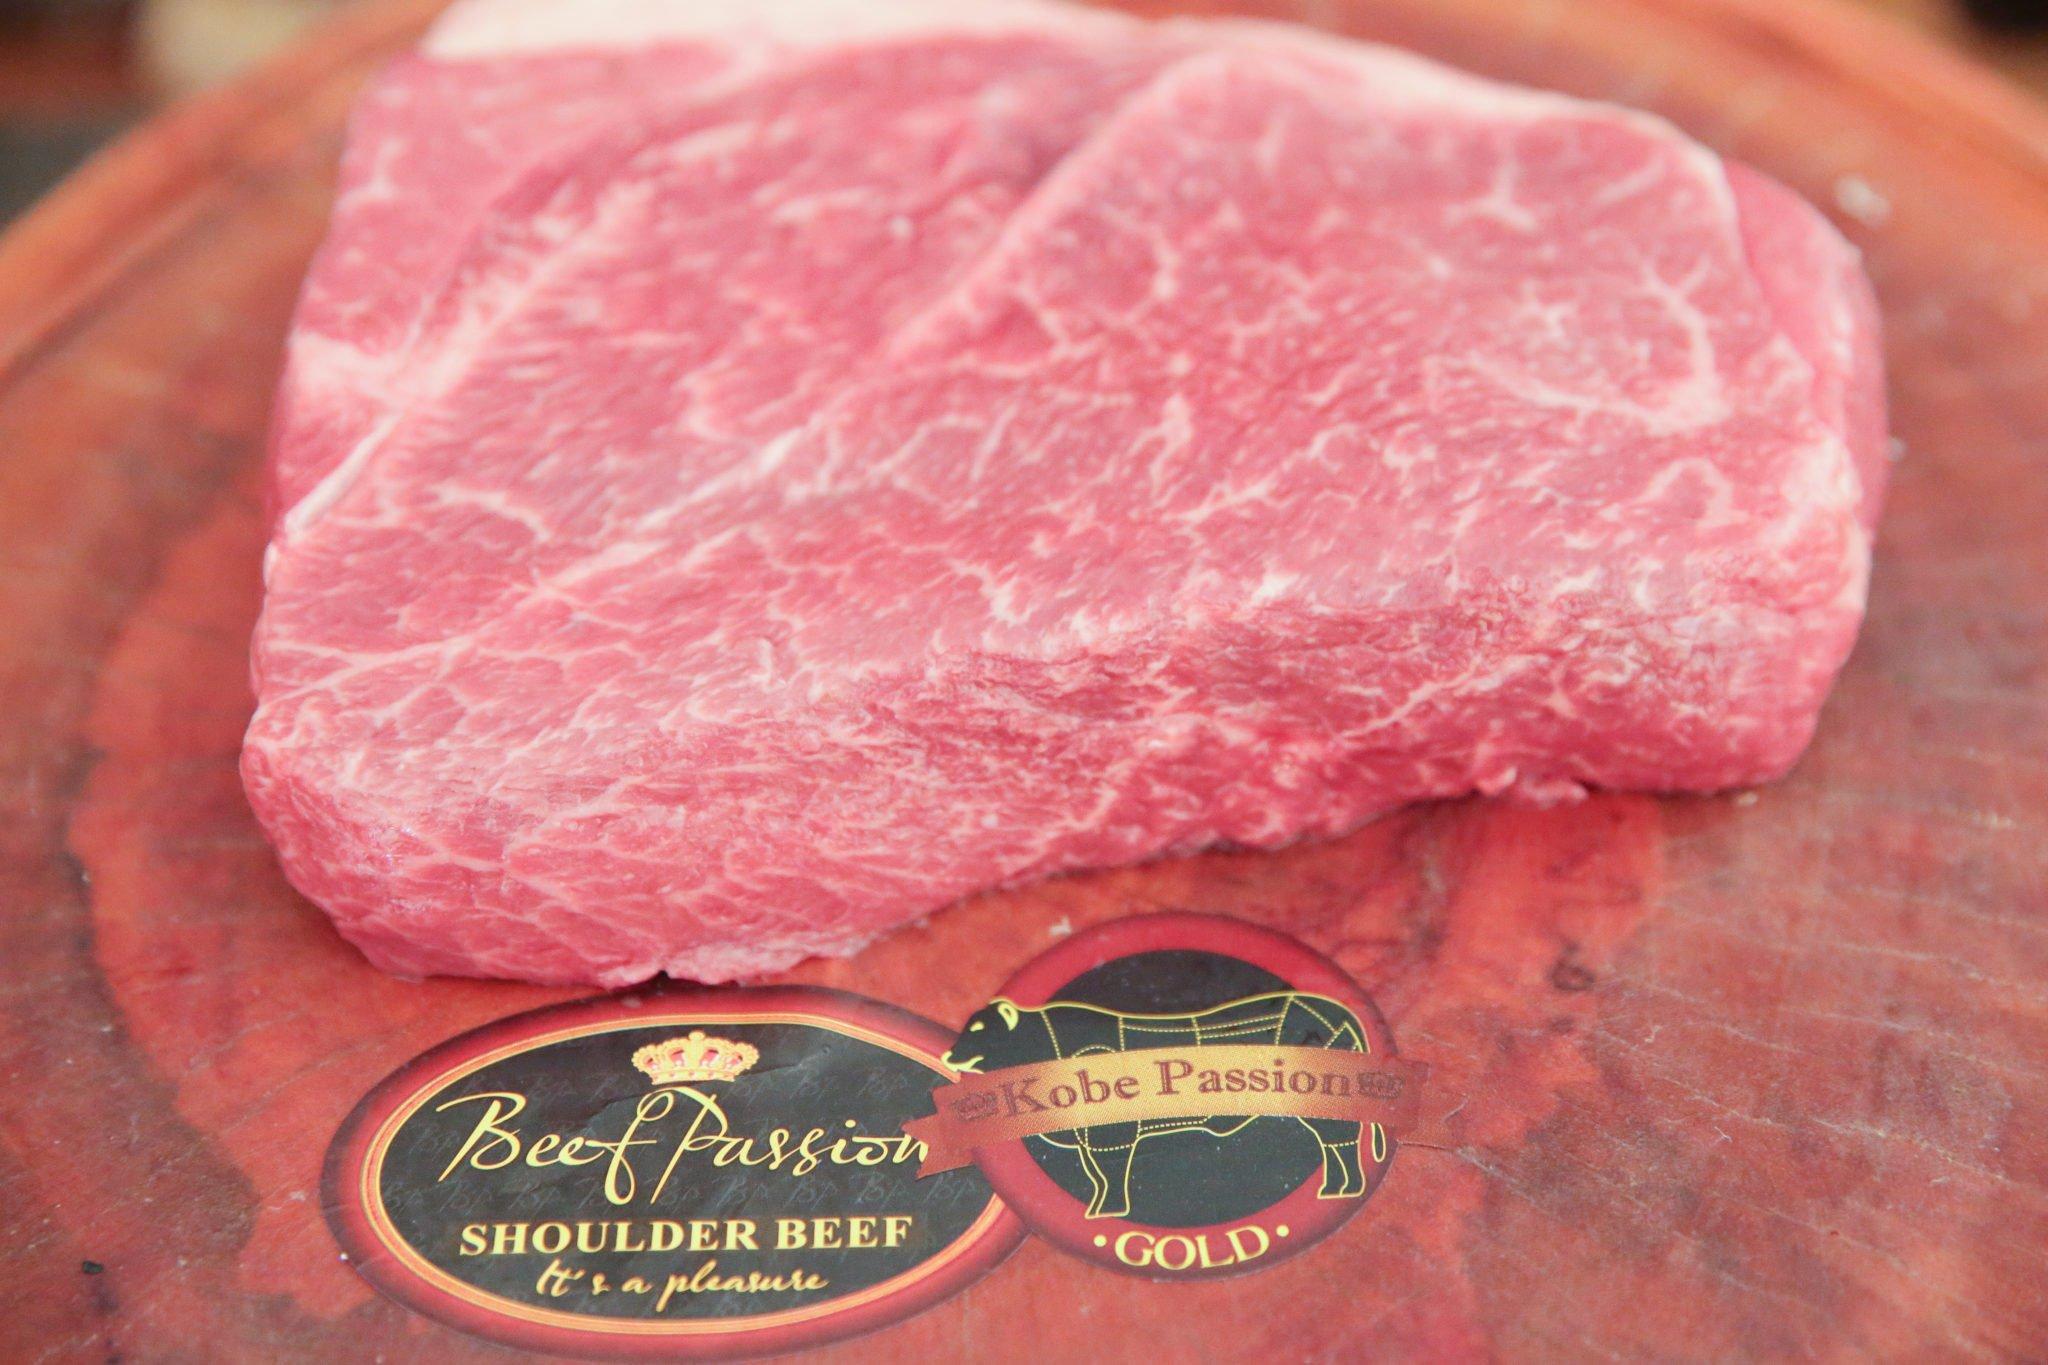 Gado é criado de maneira diferenciada, para garantir qualidade da carne | Foto: Divulgação